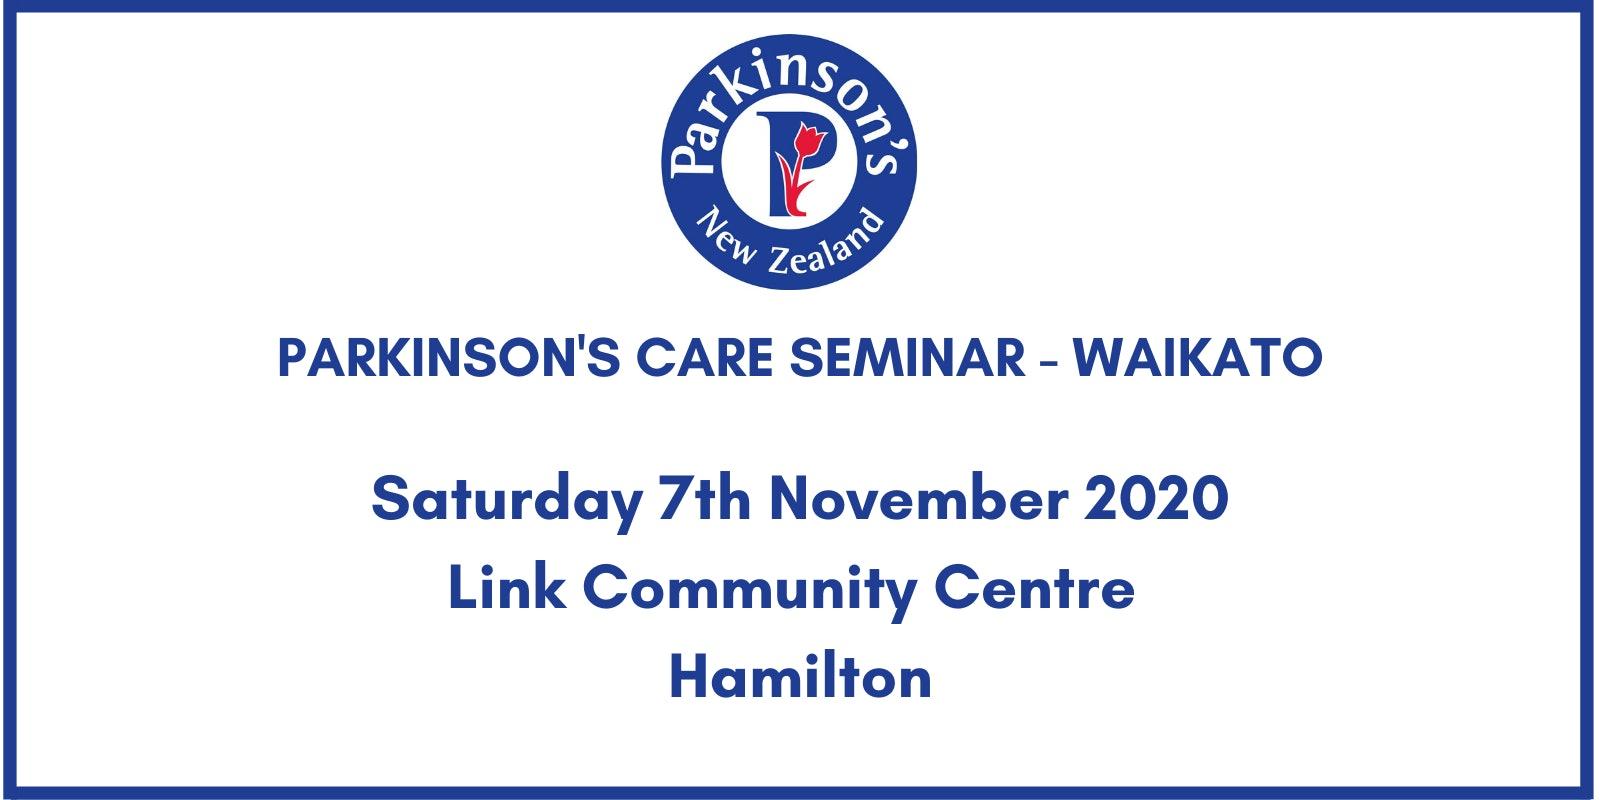 Parkinson's Seminar - Waikato